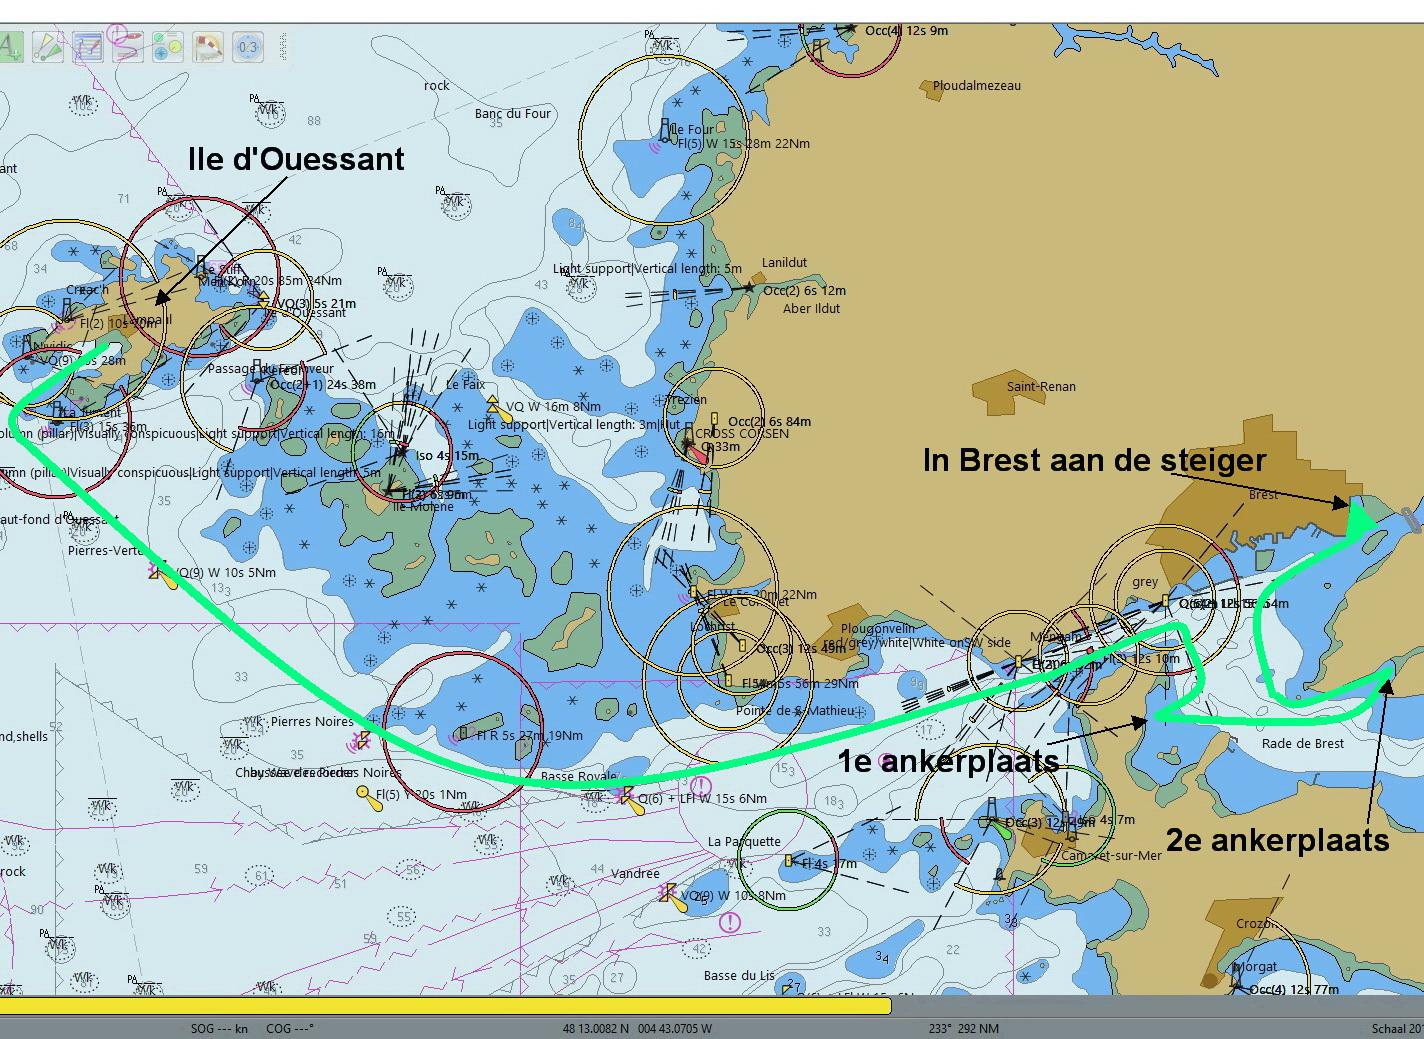 Route 'Ile de Ouessant' naar 'Rade de Brest'